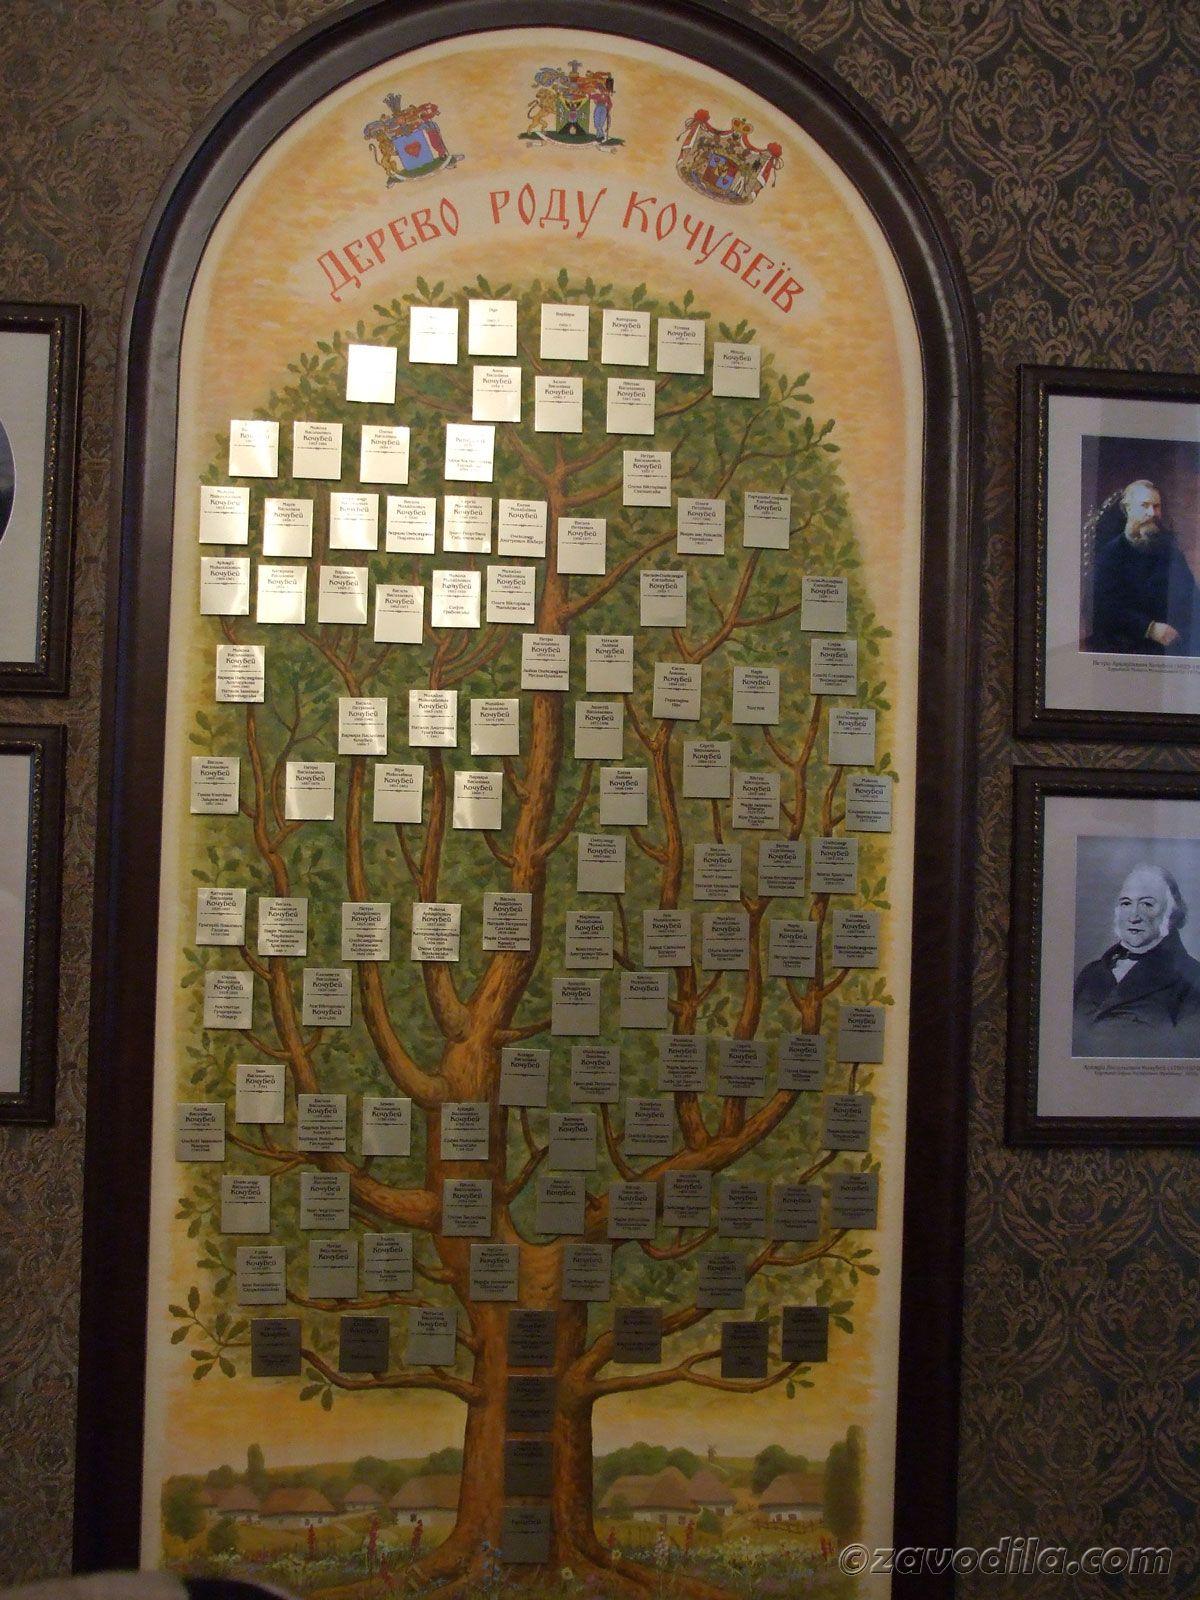 родовое дерево семьи Кочубеев, которые также проживали в этом шикарном помещении.